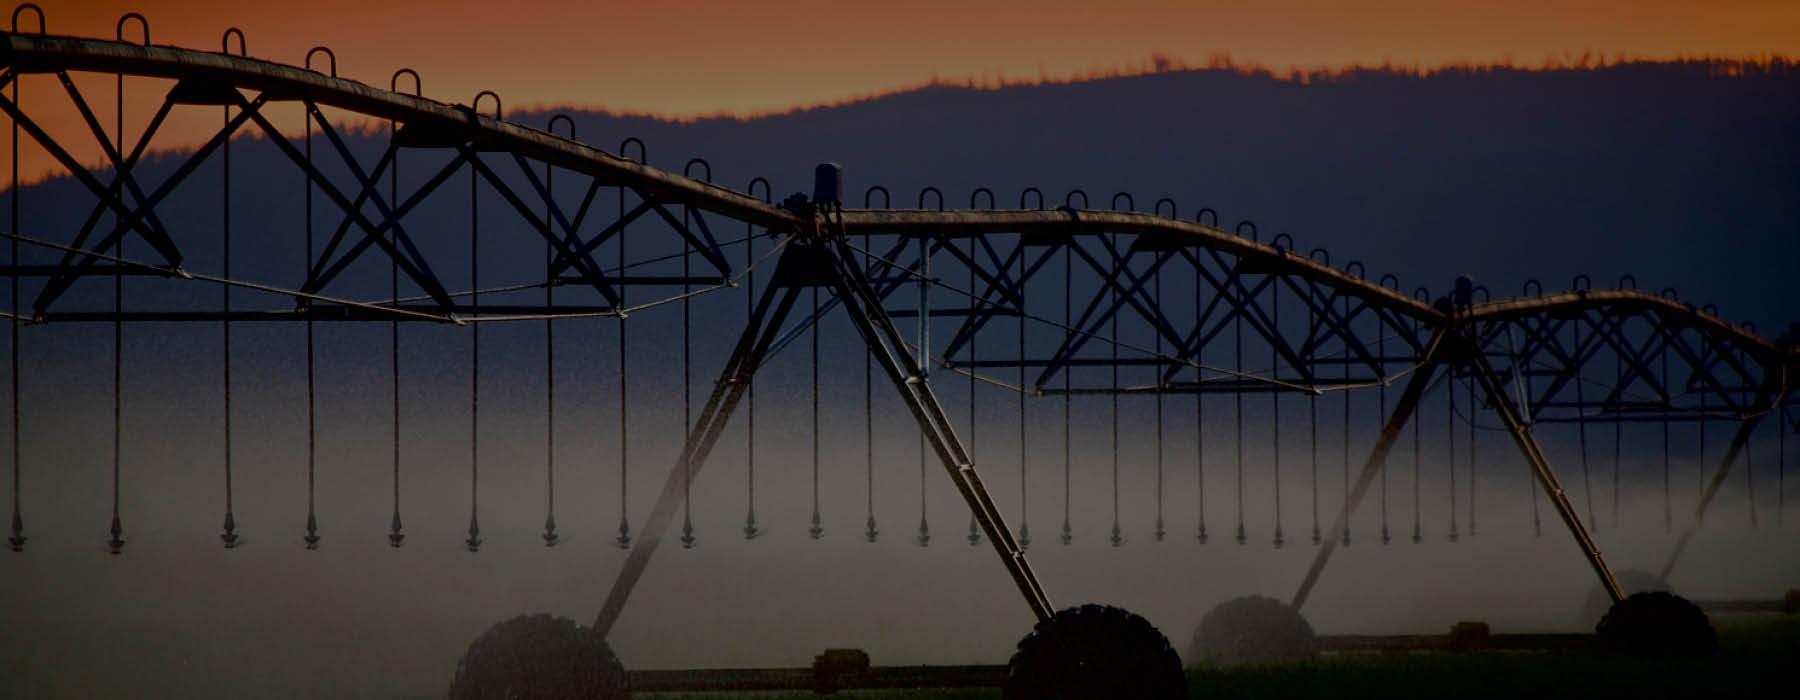 pivot sunset header.jpg